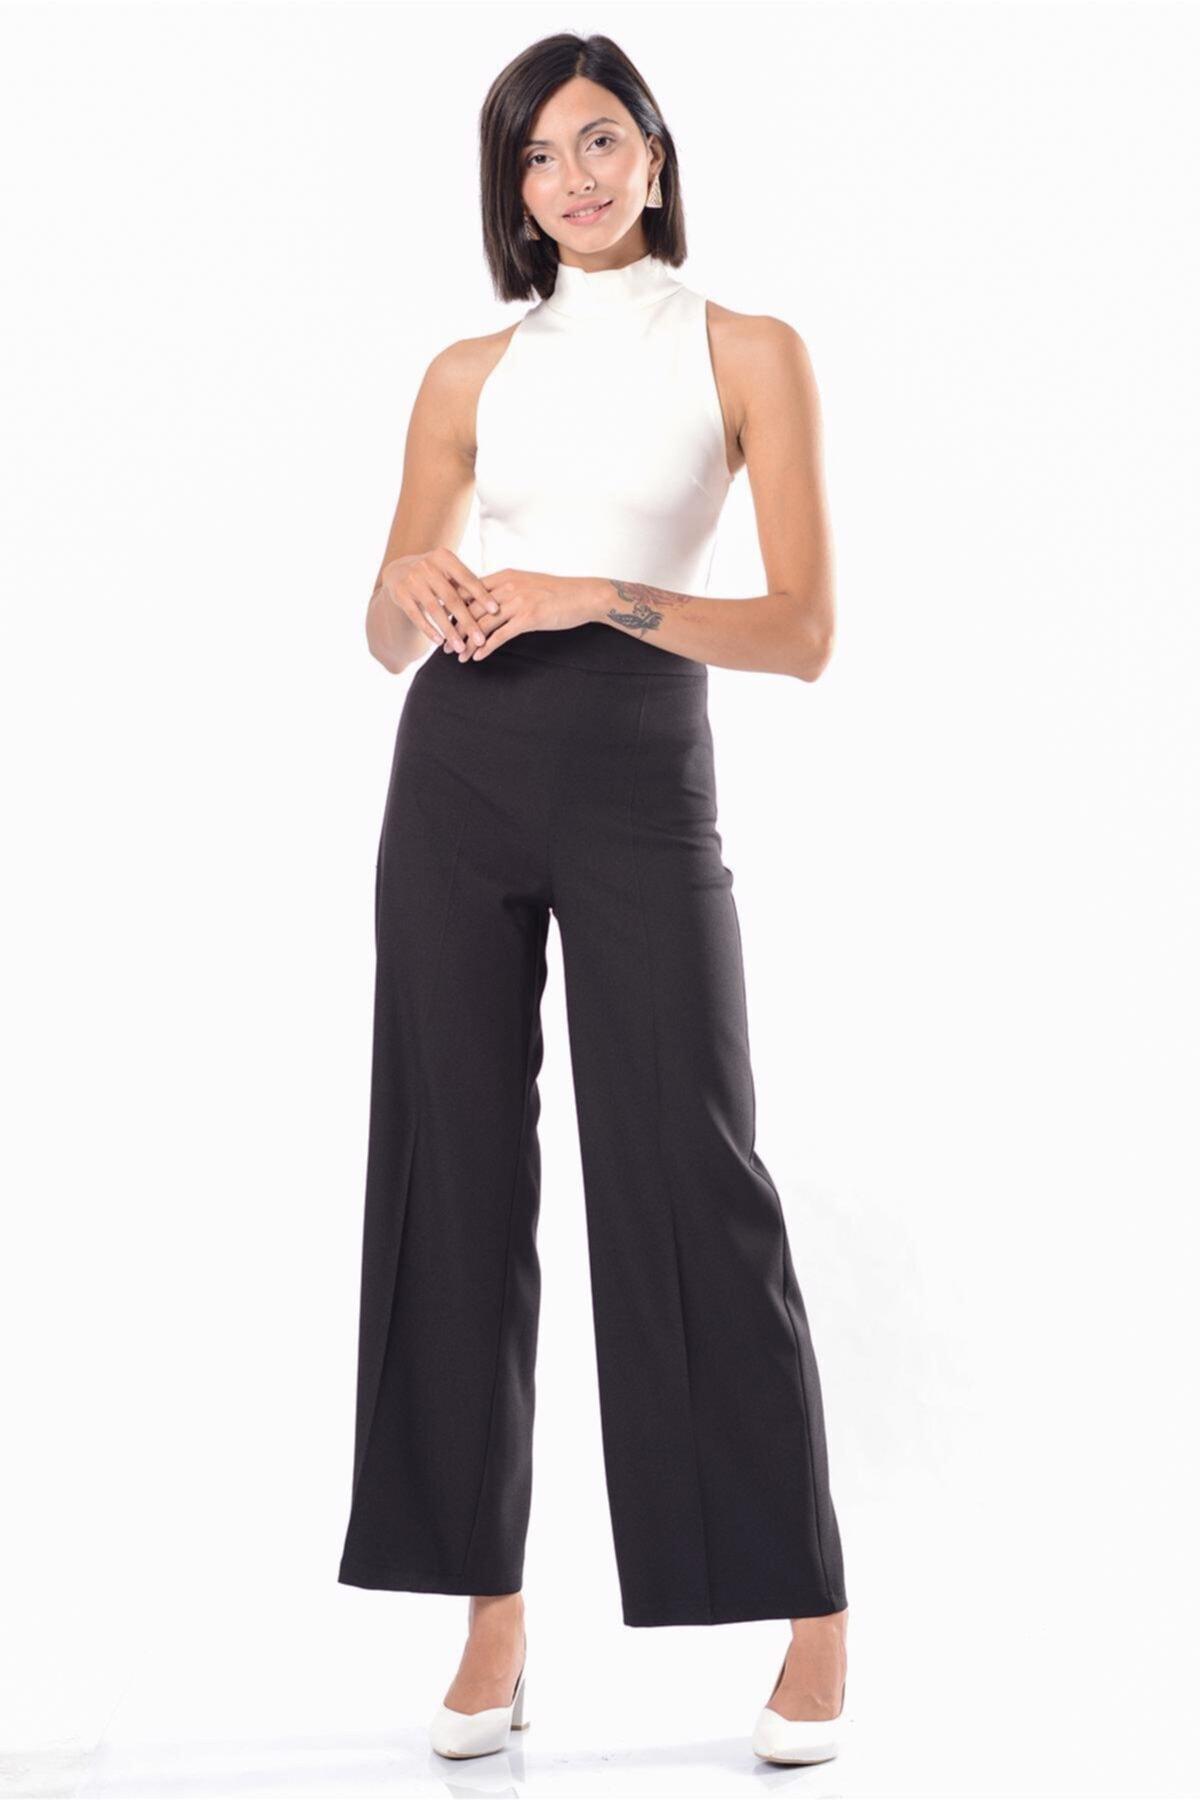 İroni Kadın Siyah Geniş Paça Pantolon H31735-1220 1